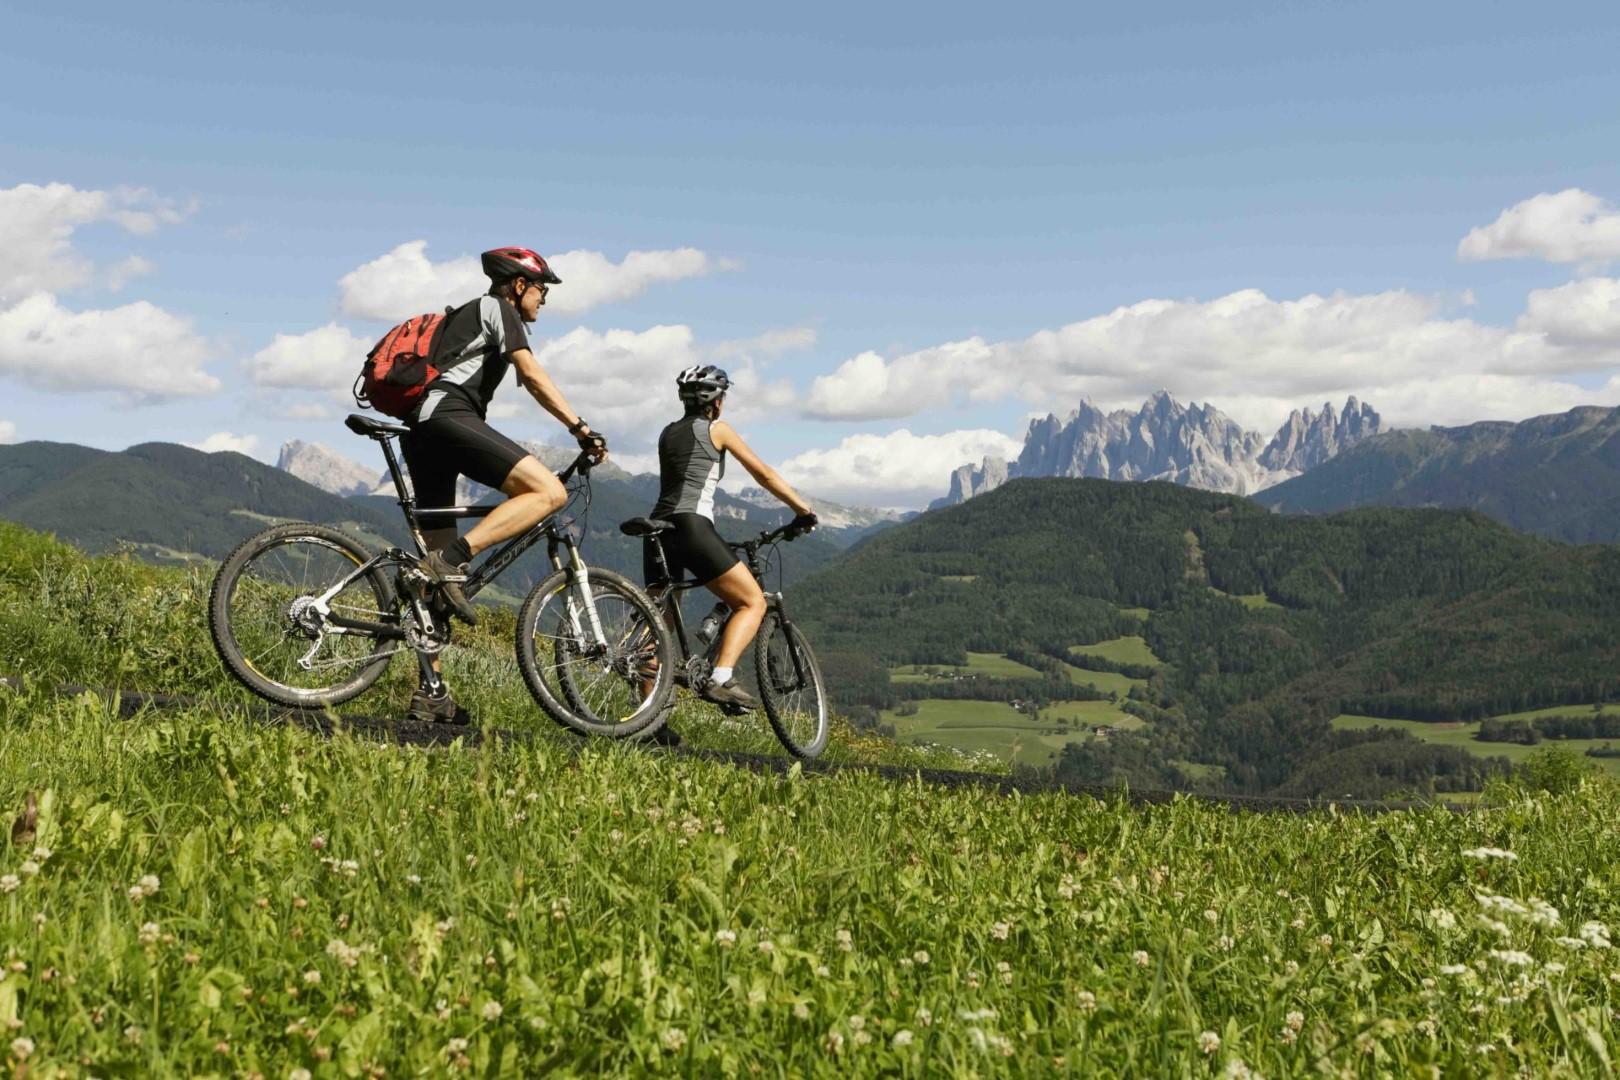 Alto adige in bicicletta tra masi e monti tgcom24 for Bicicletta per tre persone